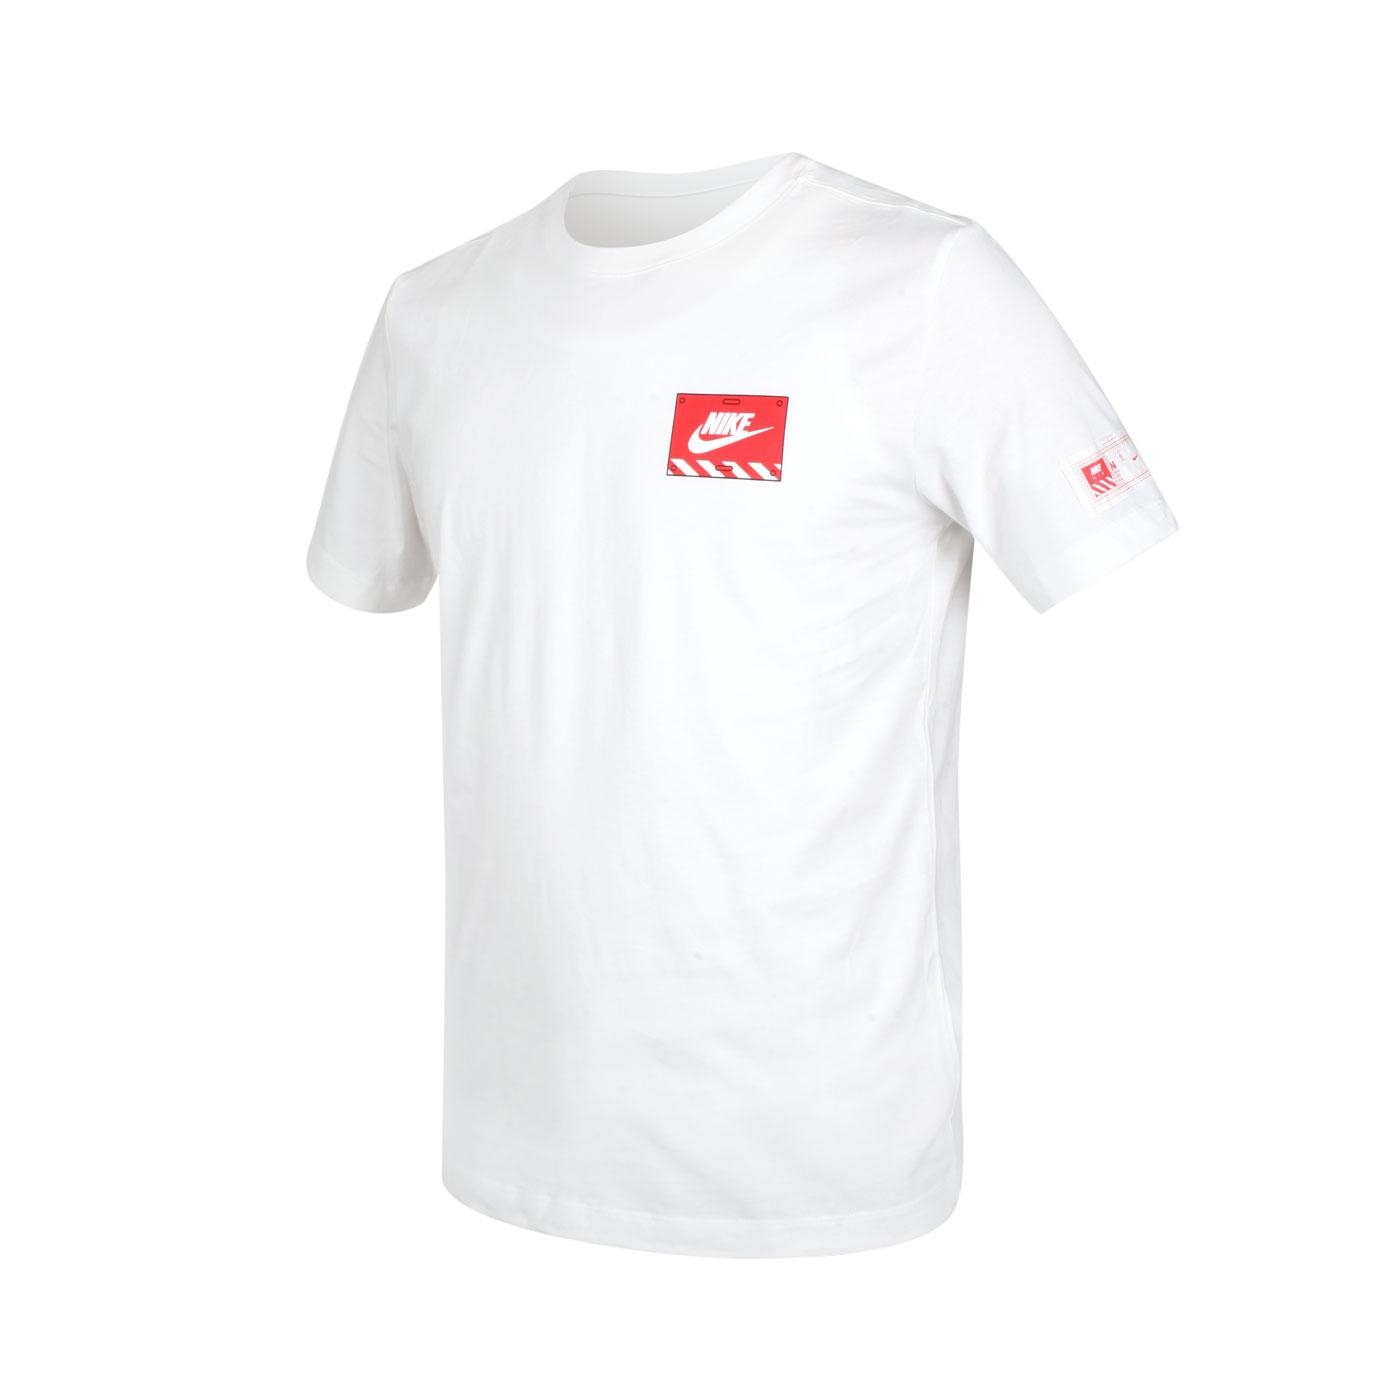 NIKE 男款短袖T恤 DJ1398-100